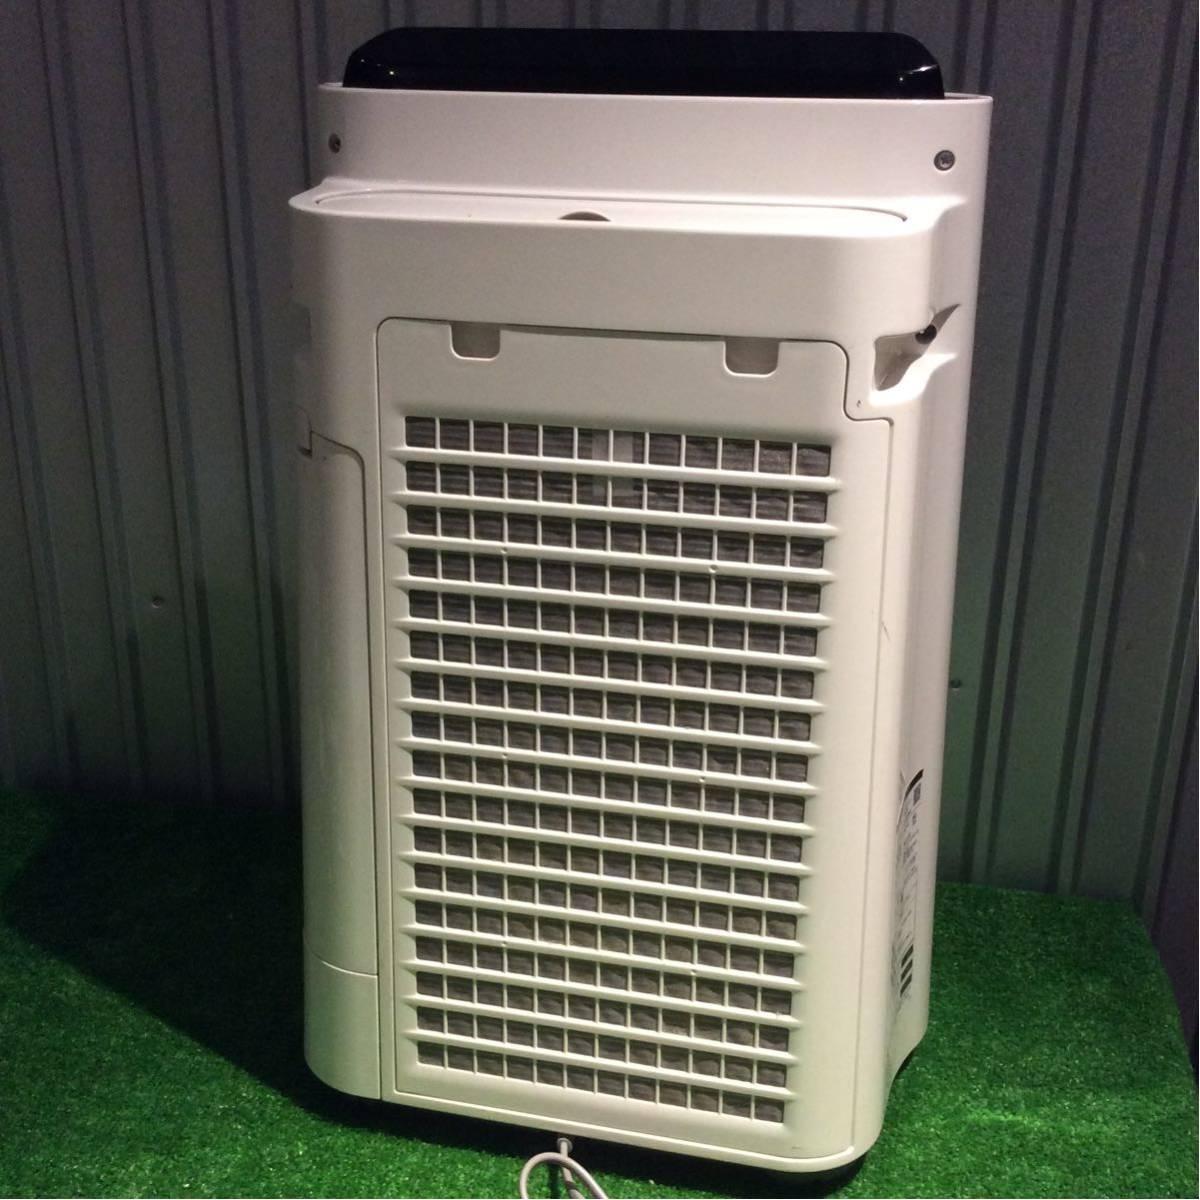 1円~ 動作OK シャープ SHARP KC-E40 加湿空気清浄機 プラズマクラスター 加湿器 空気清浄機 2015年製 120サイズ (176)_画像8